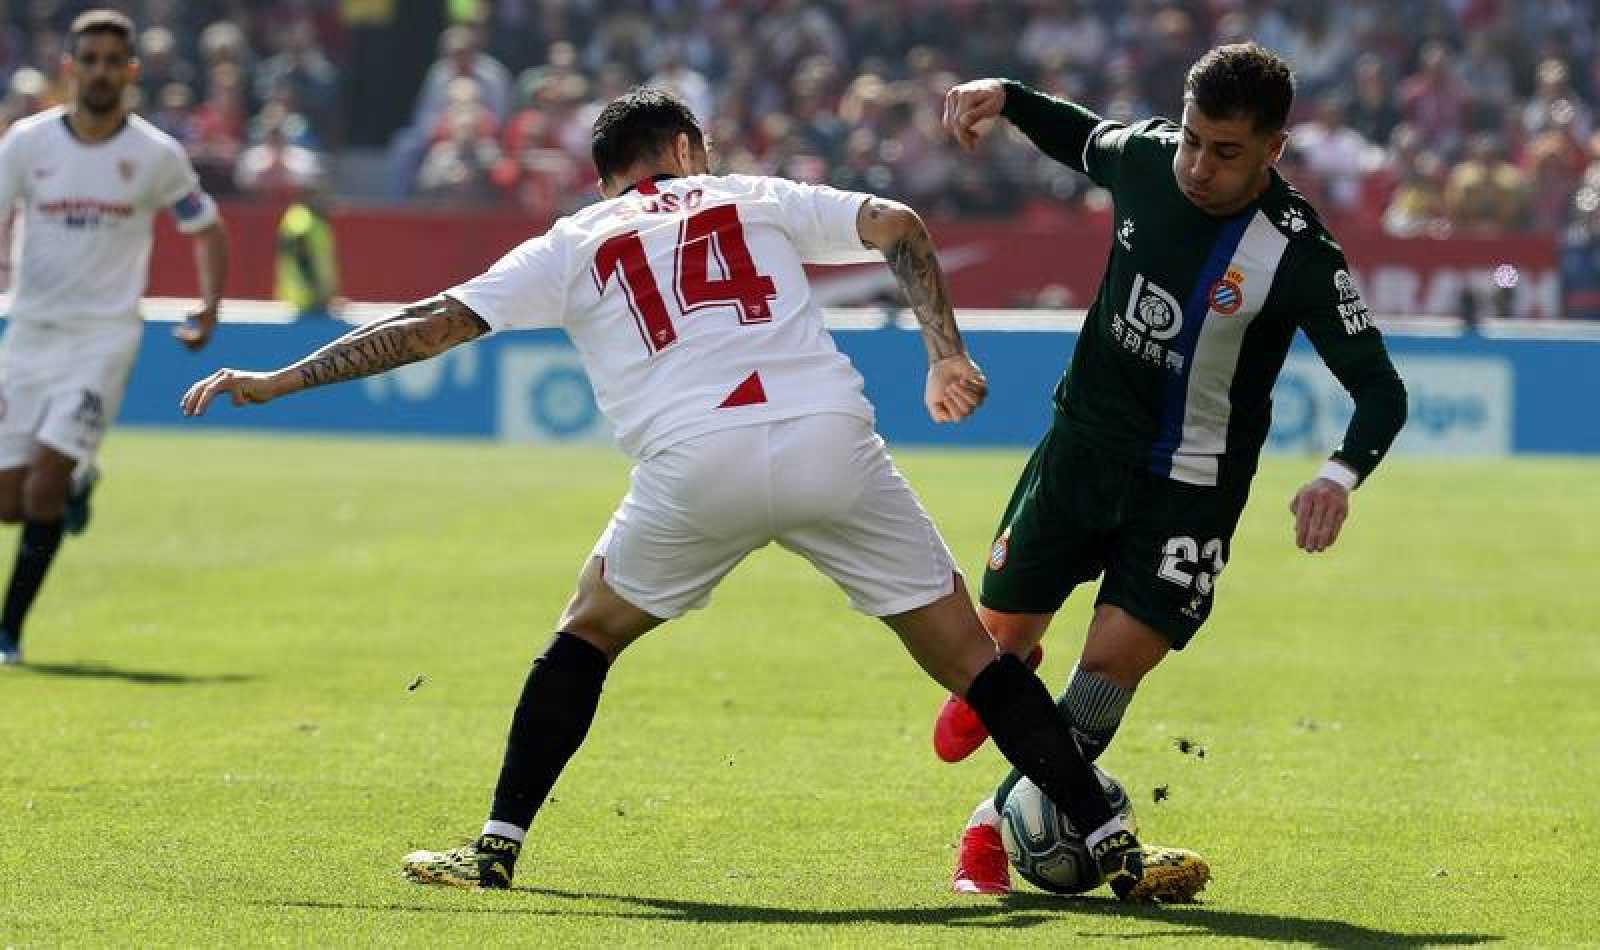 El delantero del Espanyol Adrián Embarba (d) trata de marcharse del centrocampista del Sevilla Suso Fernández (i),